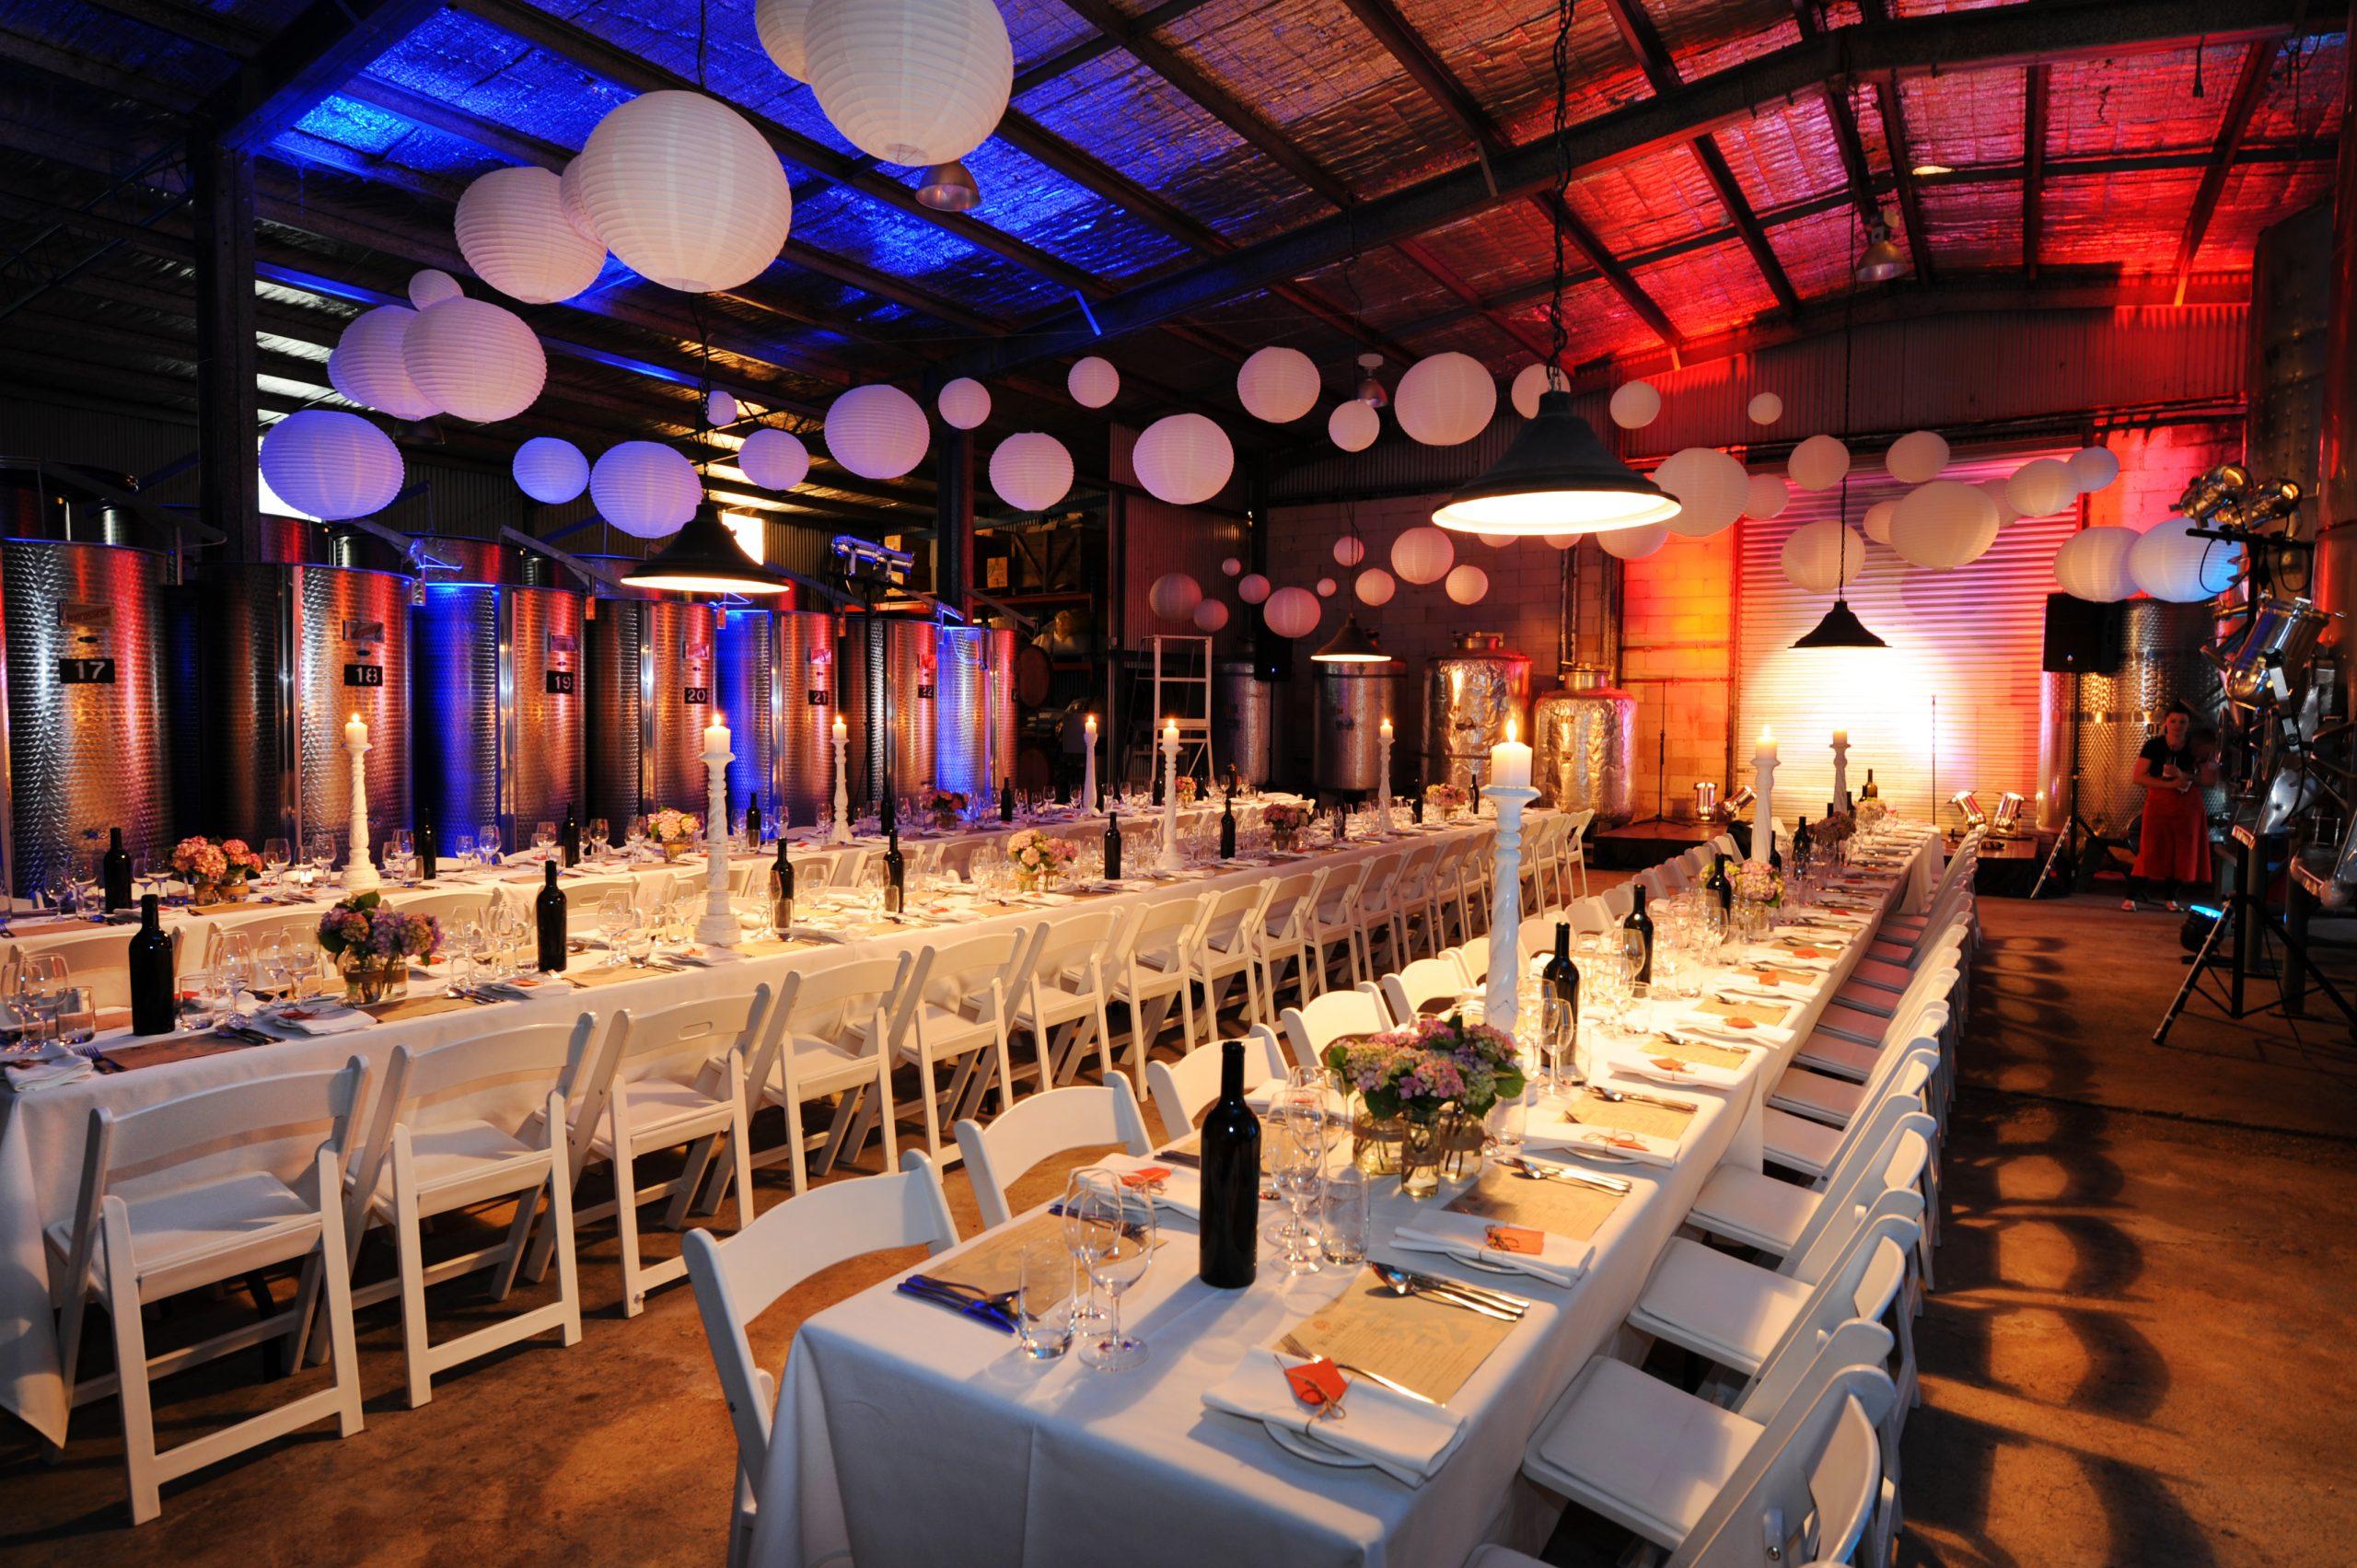 Weddings + Functions - Venues in Mudgee Region